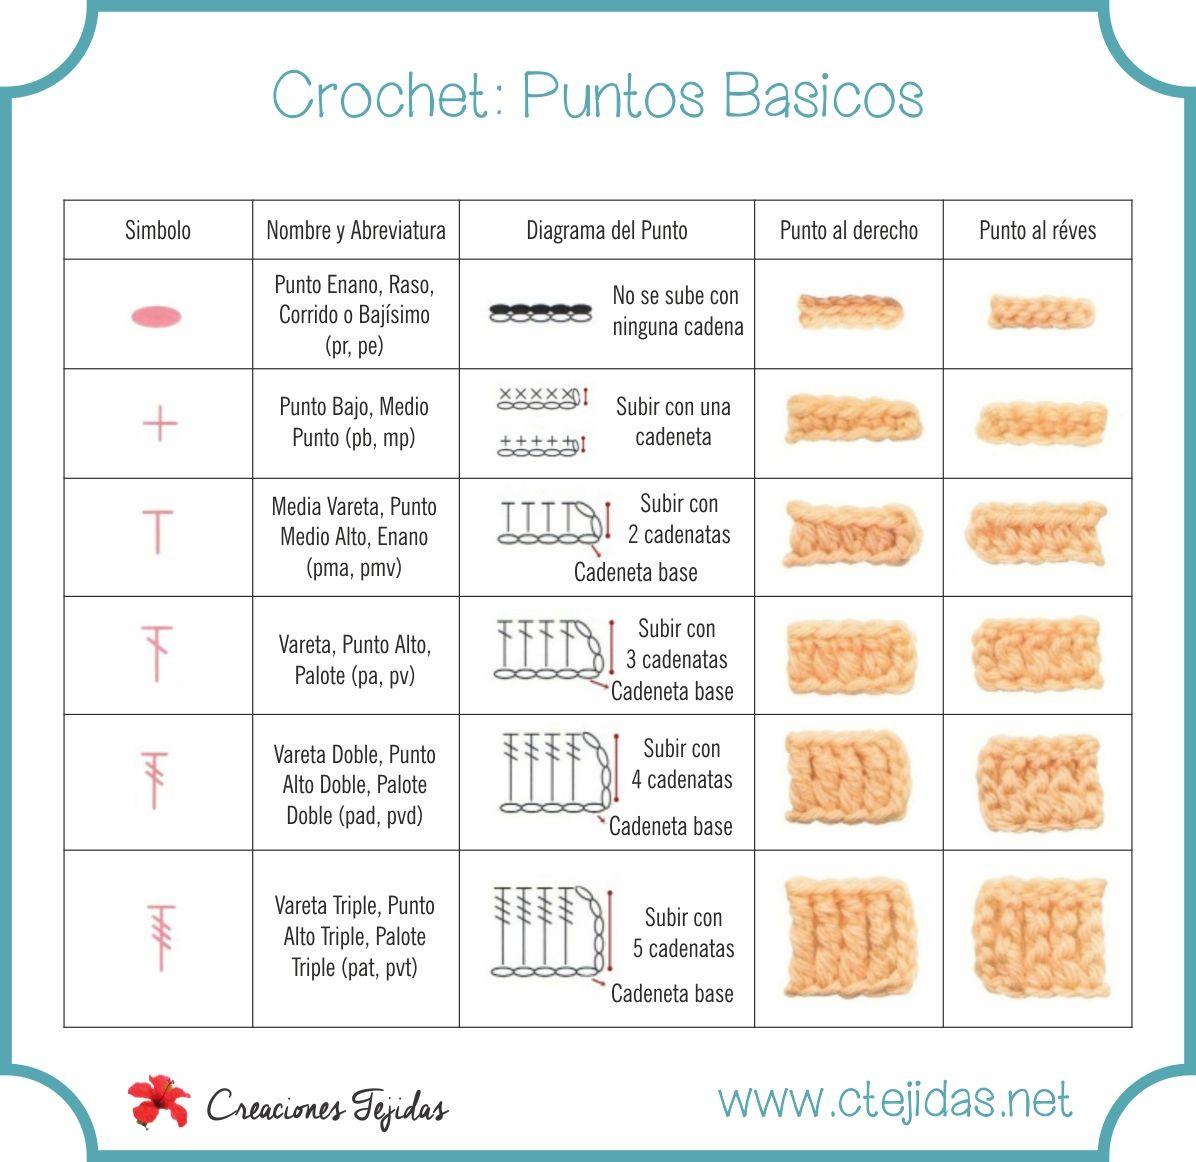 Puntos Básicos del Crochet | вязание крючком | Pinterest | Puntos ...